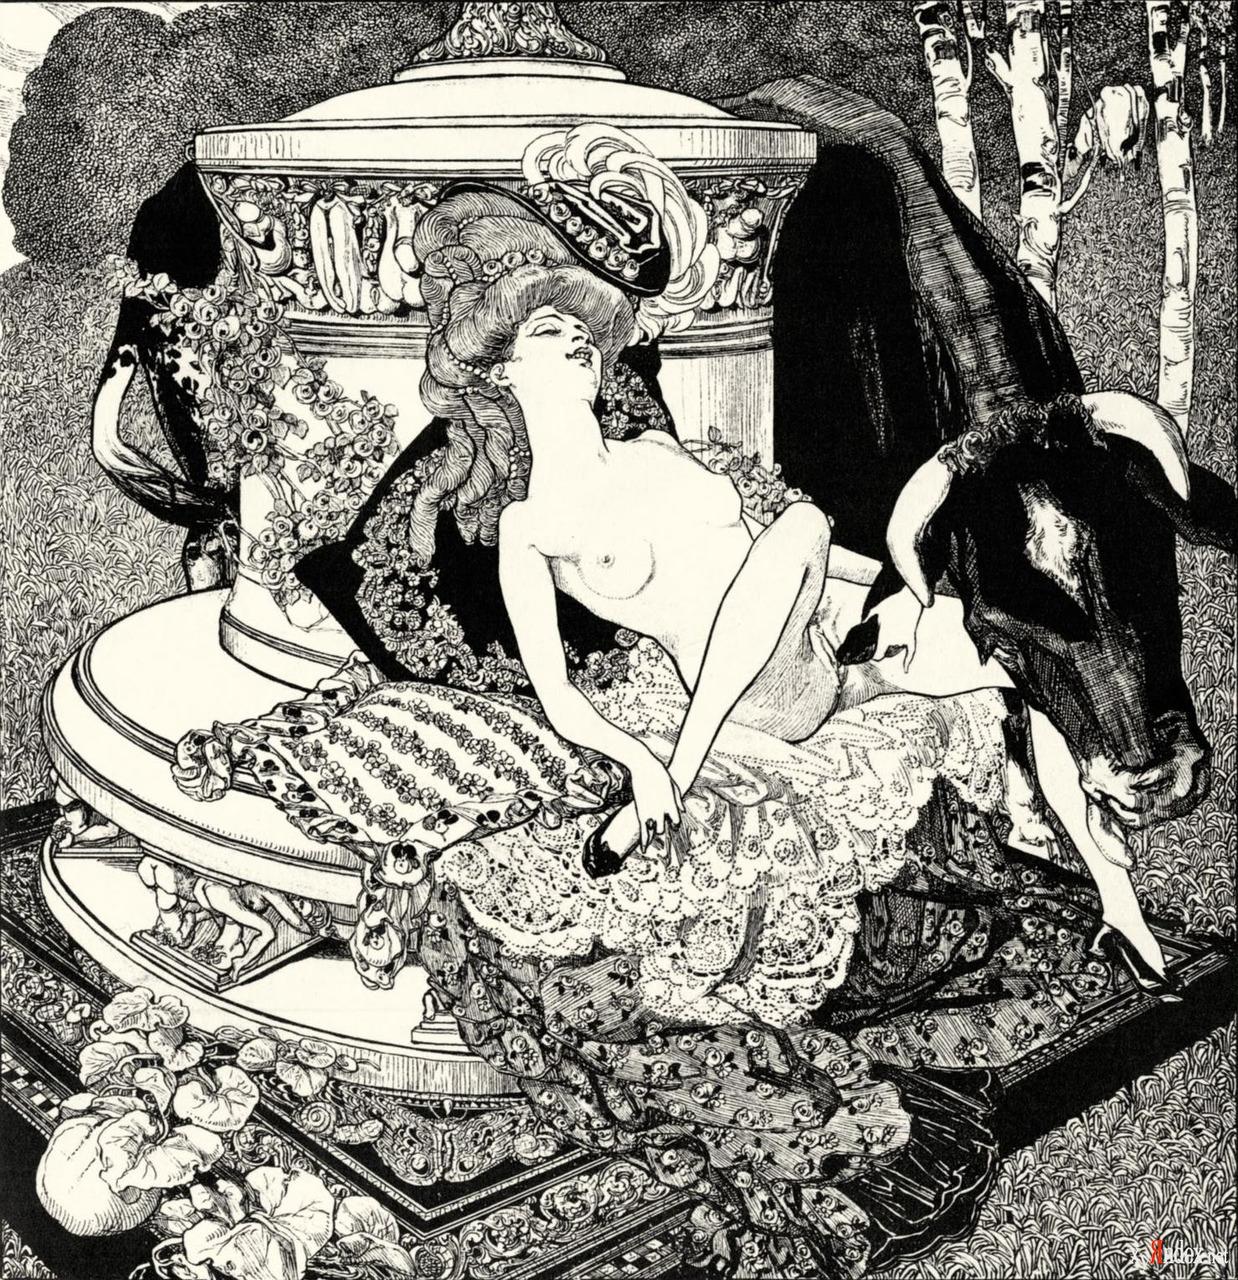 ему, эротические художественные произведения с иллюстрациями ретро завелась